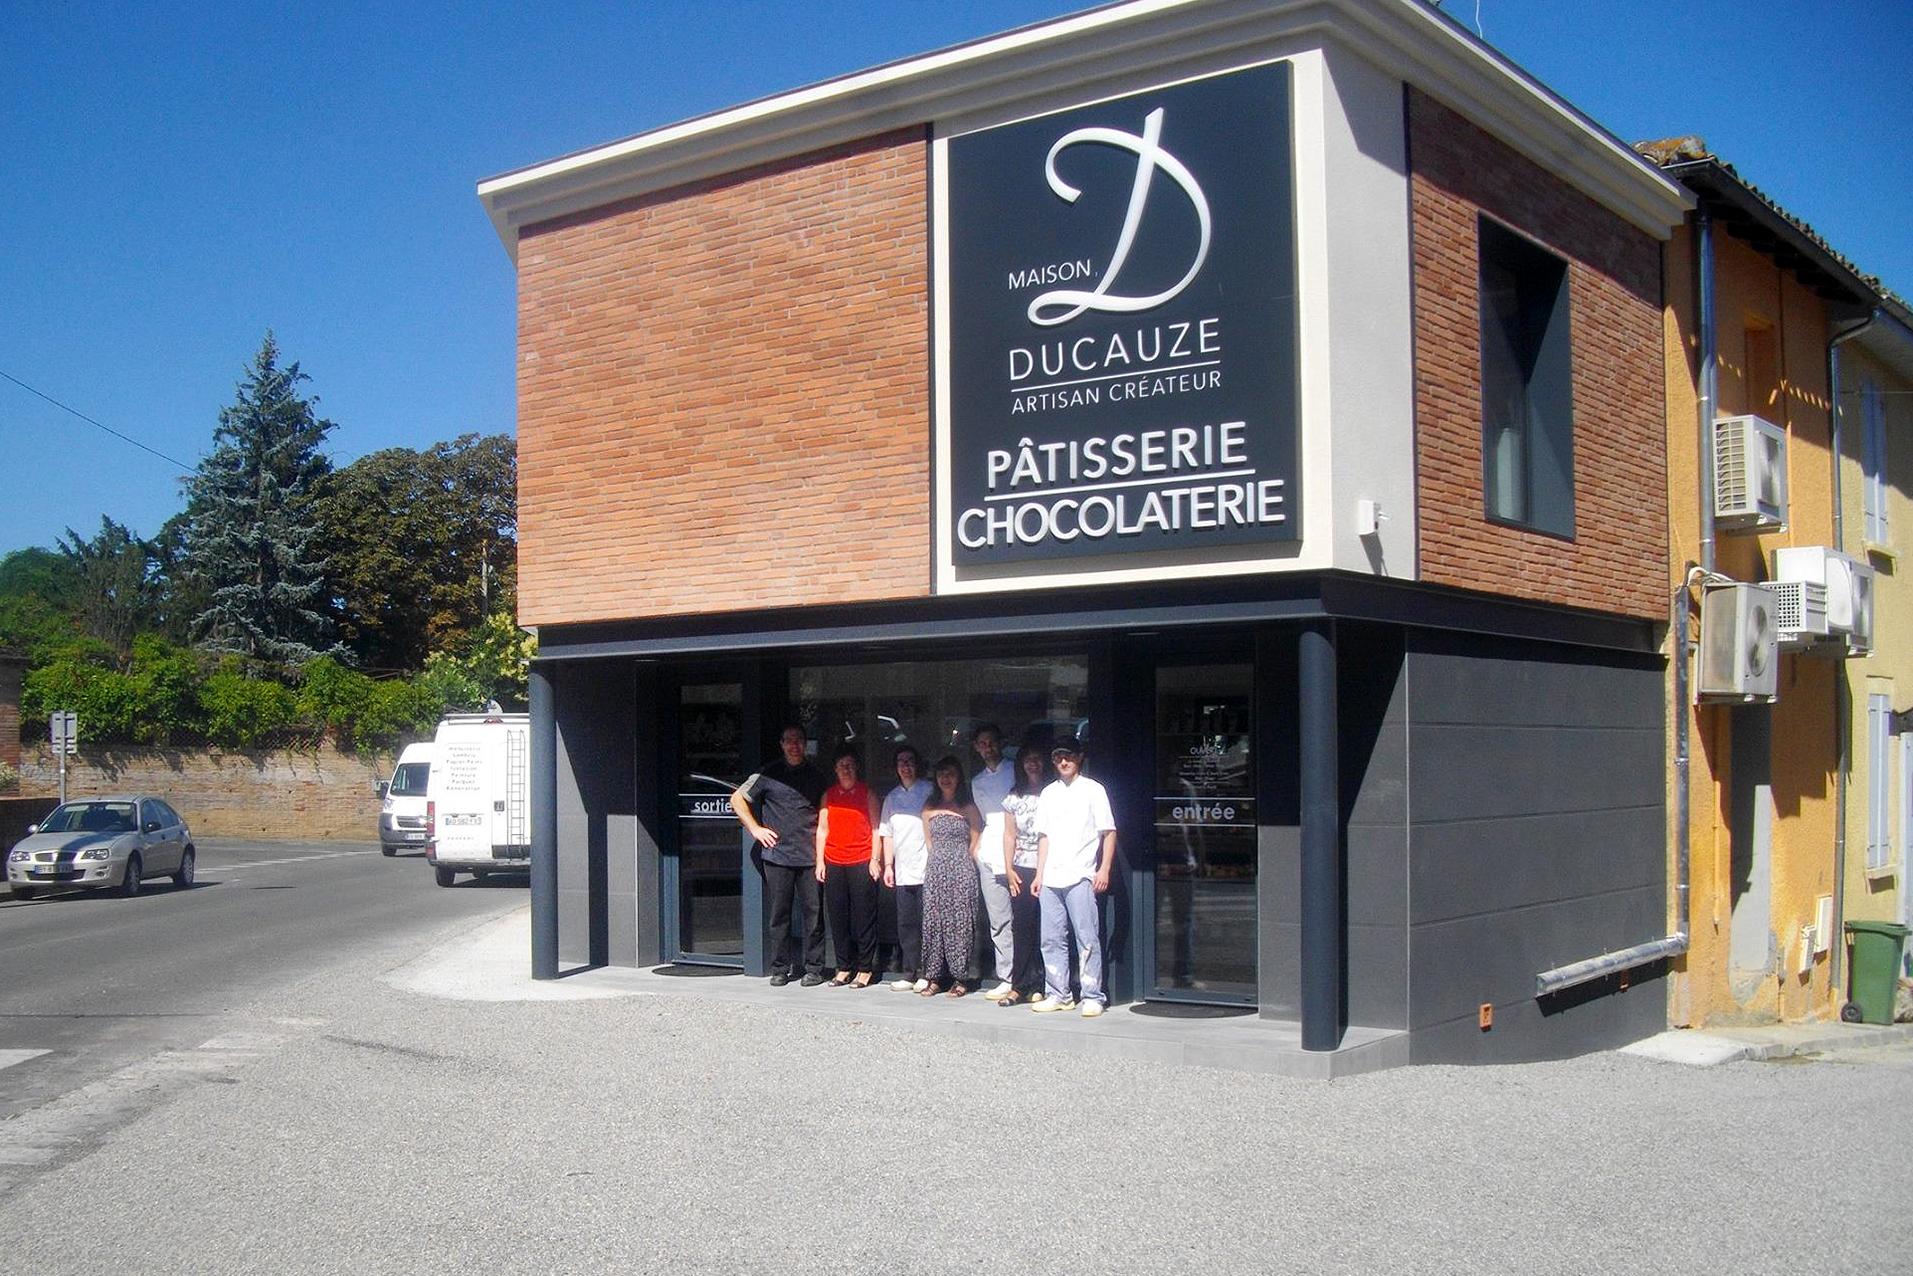 maison Ducauze magasin